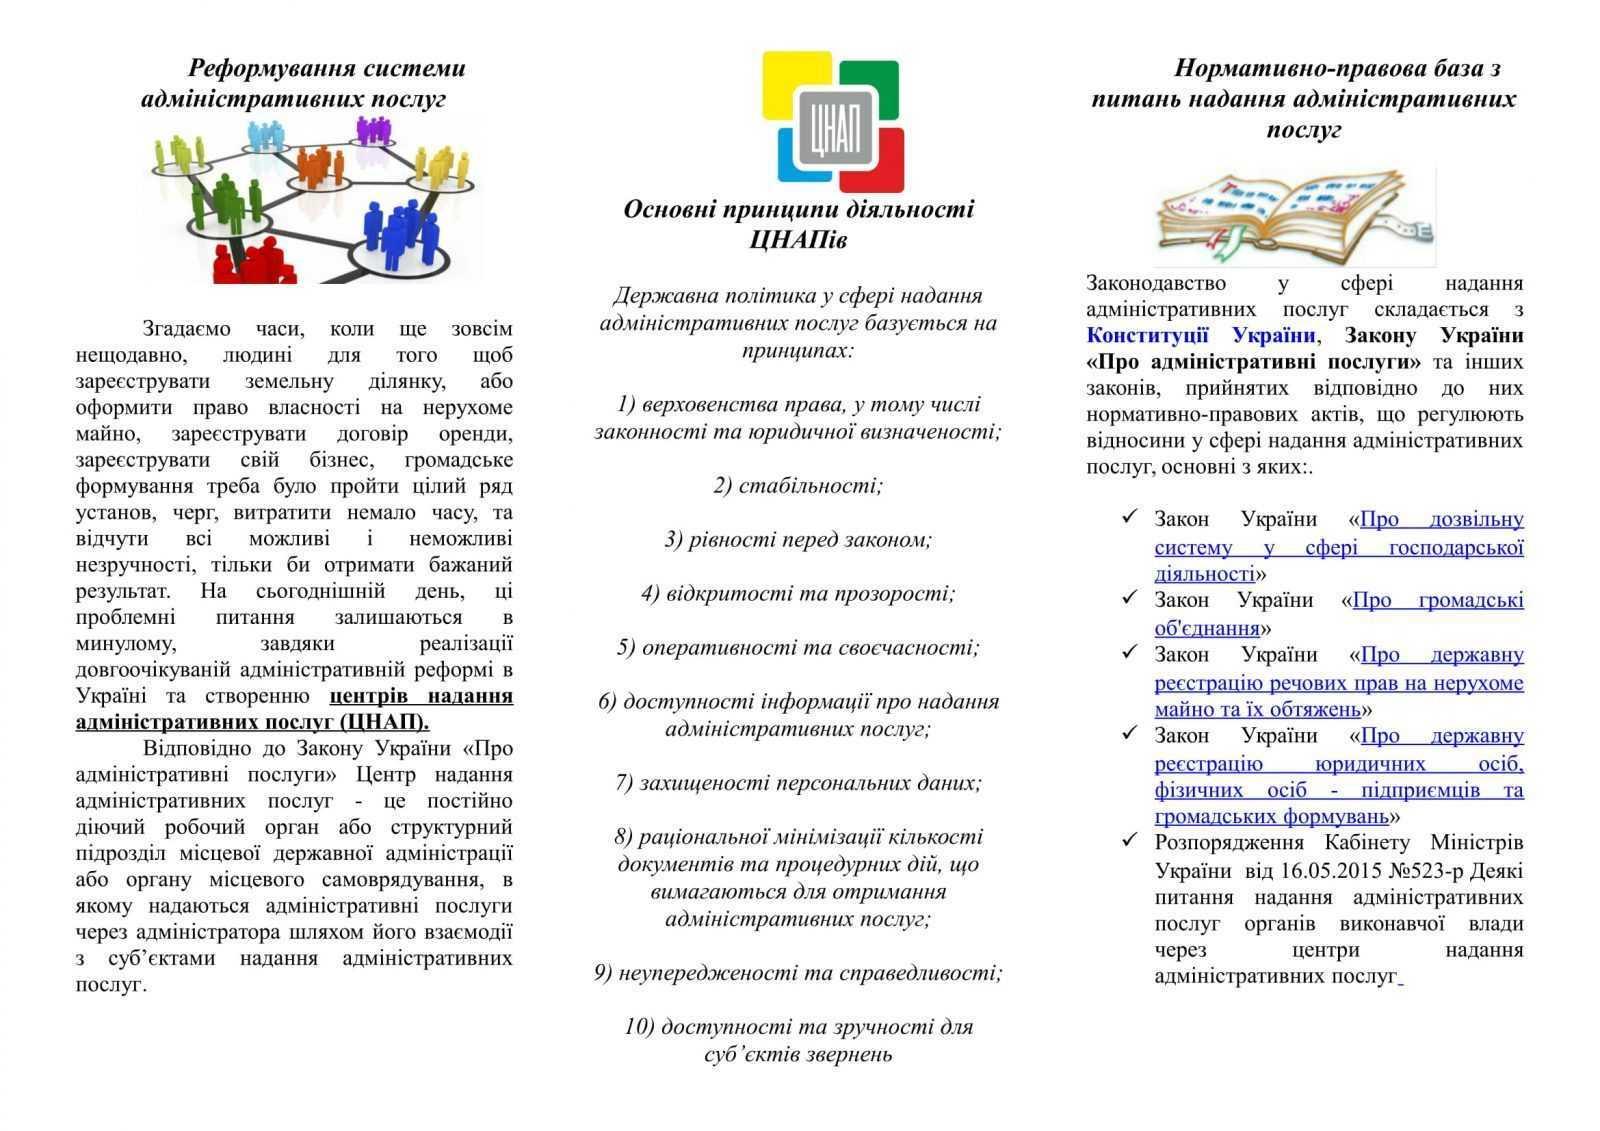 Broshura TSNAP 1 1 - АДМІНІСТРАТИВНІ ПОСЛУГИ в сучасних умовах